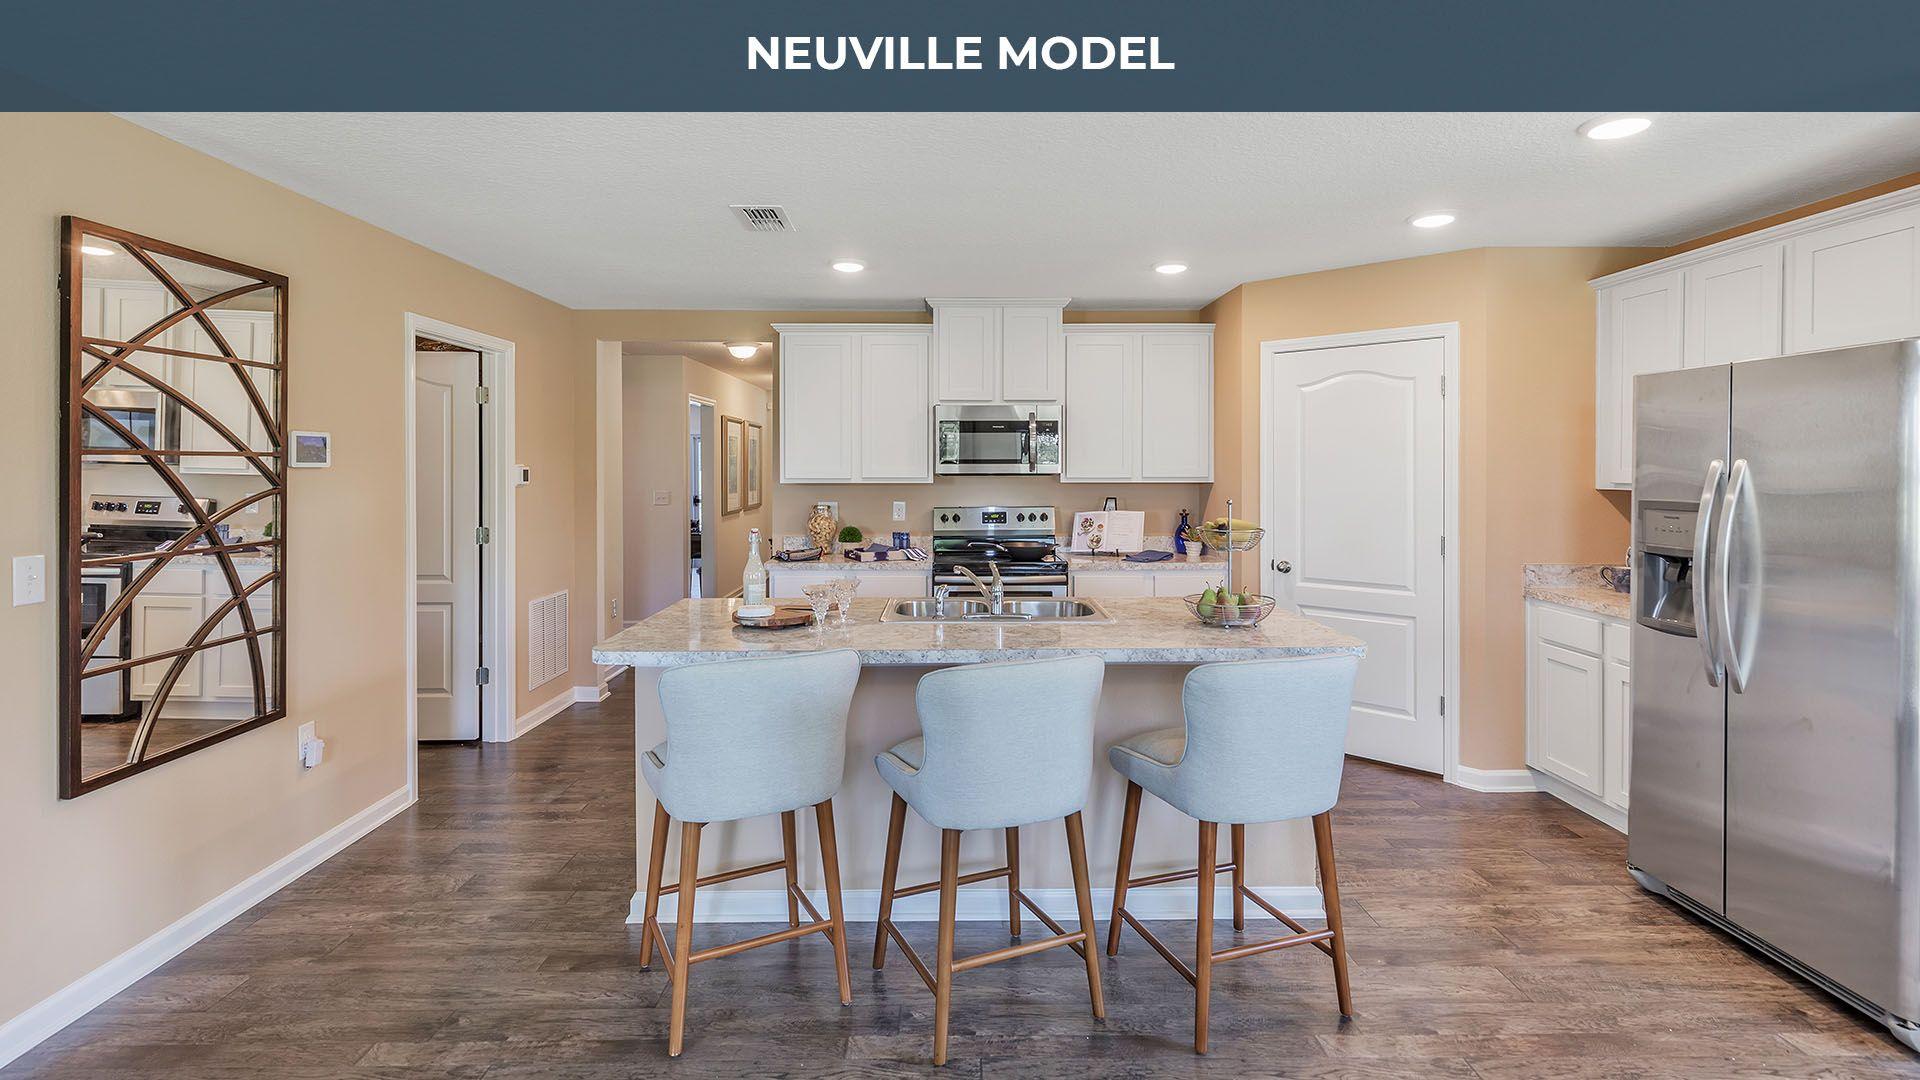 Kitchen featured in the Neuville By D.R. Horton in Daytona Beach, FL